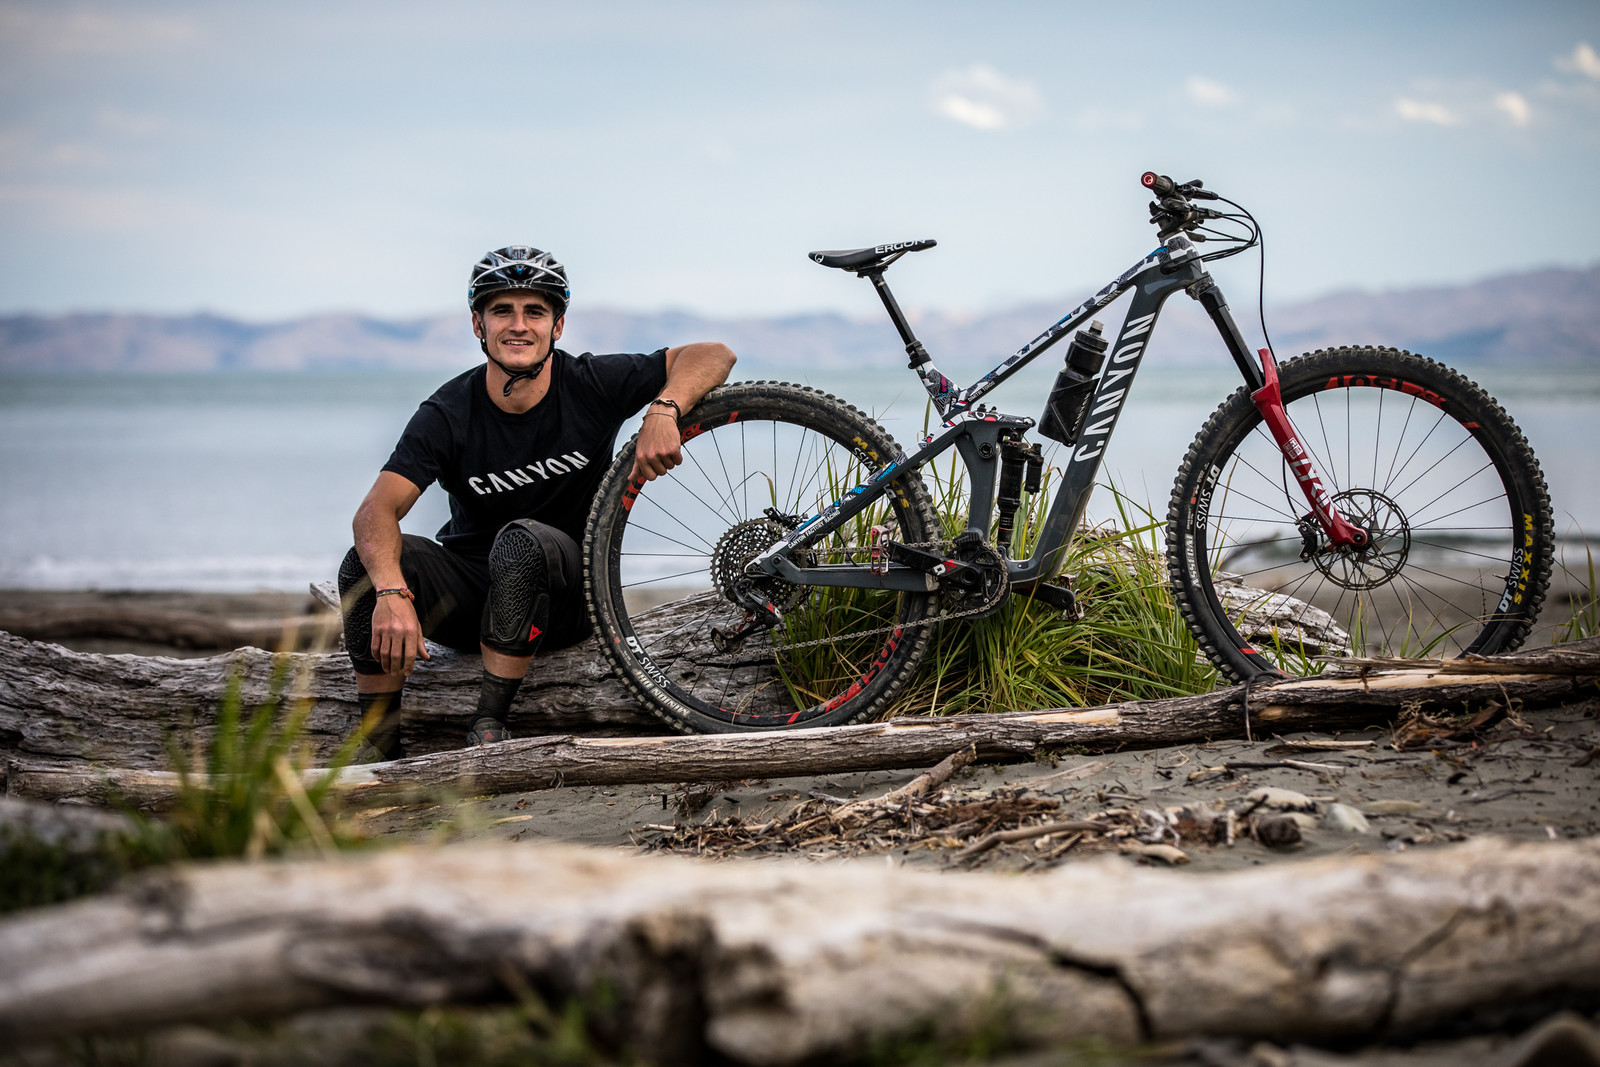 WINNING BIKE - Dimitri Tordo's Canyon Strive at NZ Enduro - 2019 WINNING BIKES - Mountain Biking Pictures - Vital MTB